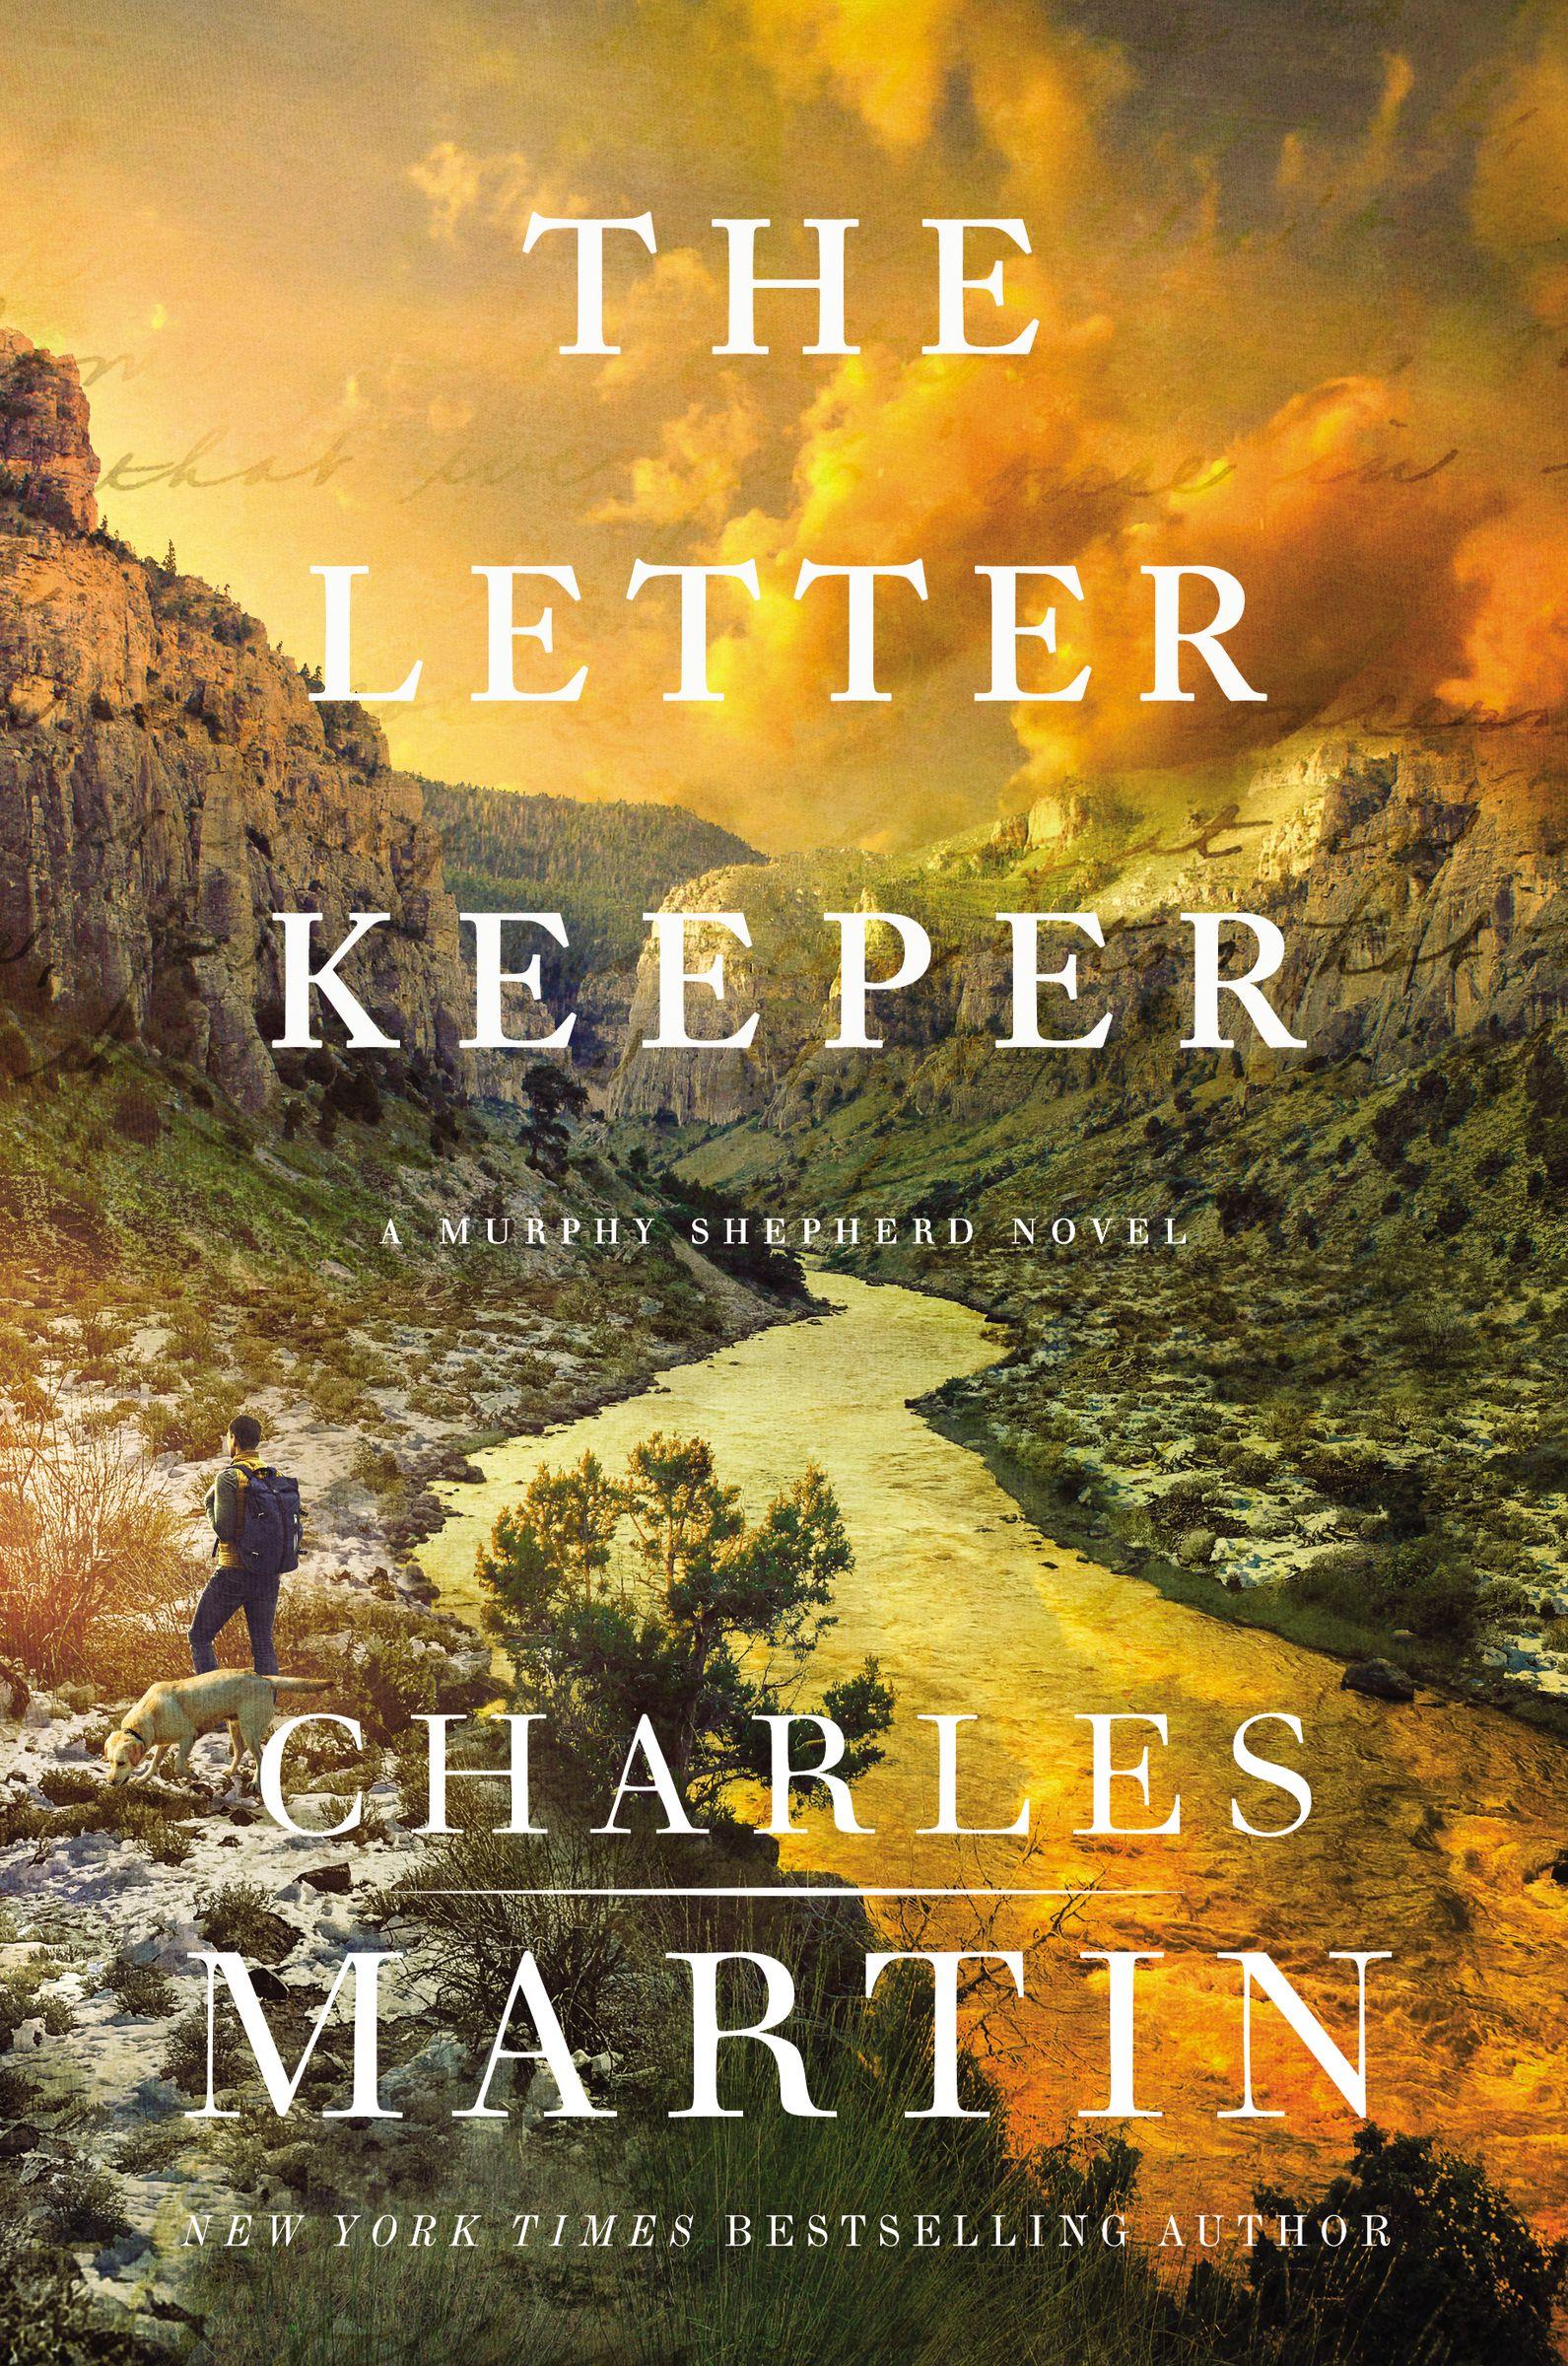 The Letter Keeper (Murphy Shepherd, #2)